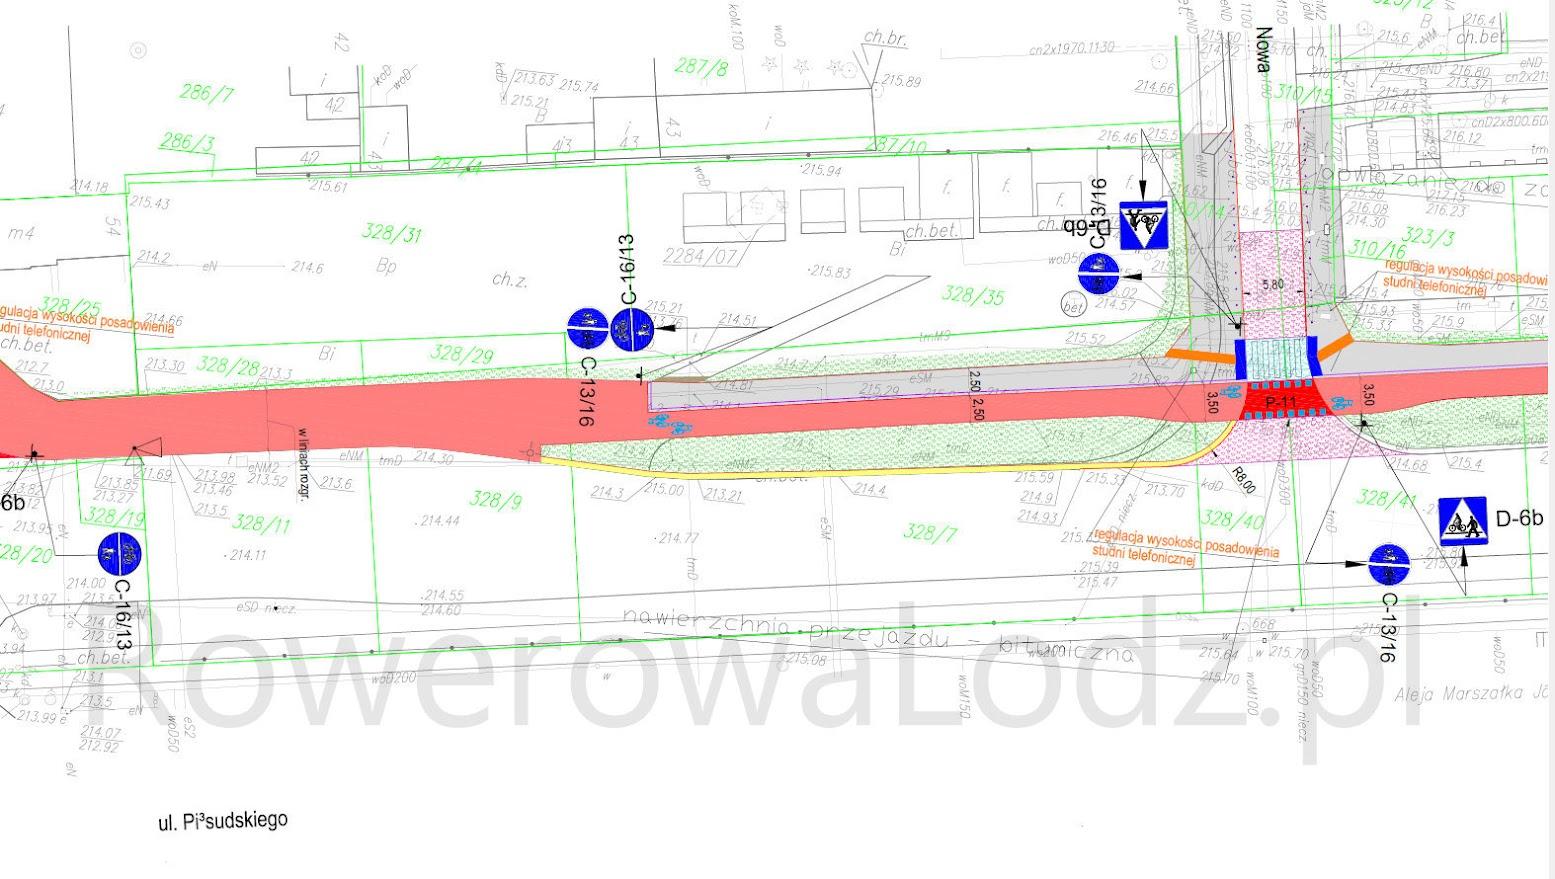 Niestety nie zniknie wspólny ciąg pieszo-rowerowy w okolicach Przędzalnianej. Skrzyżowanie z ul. Nową